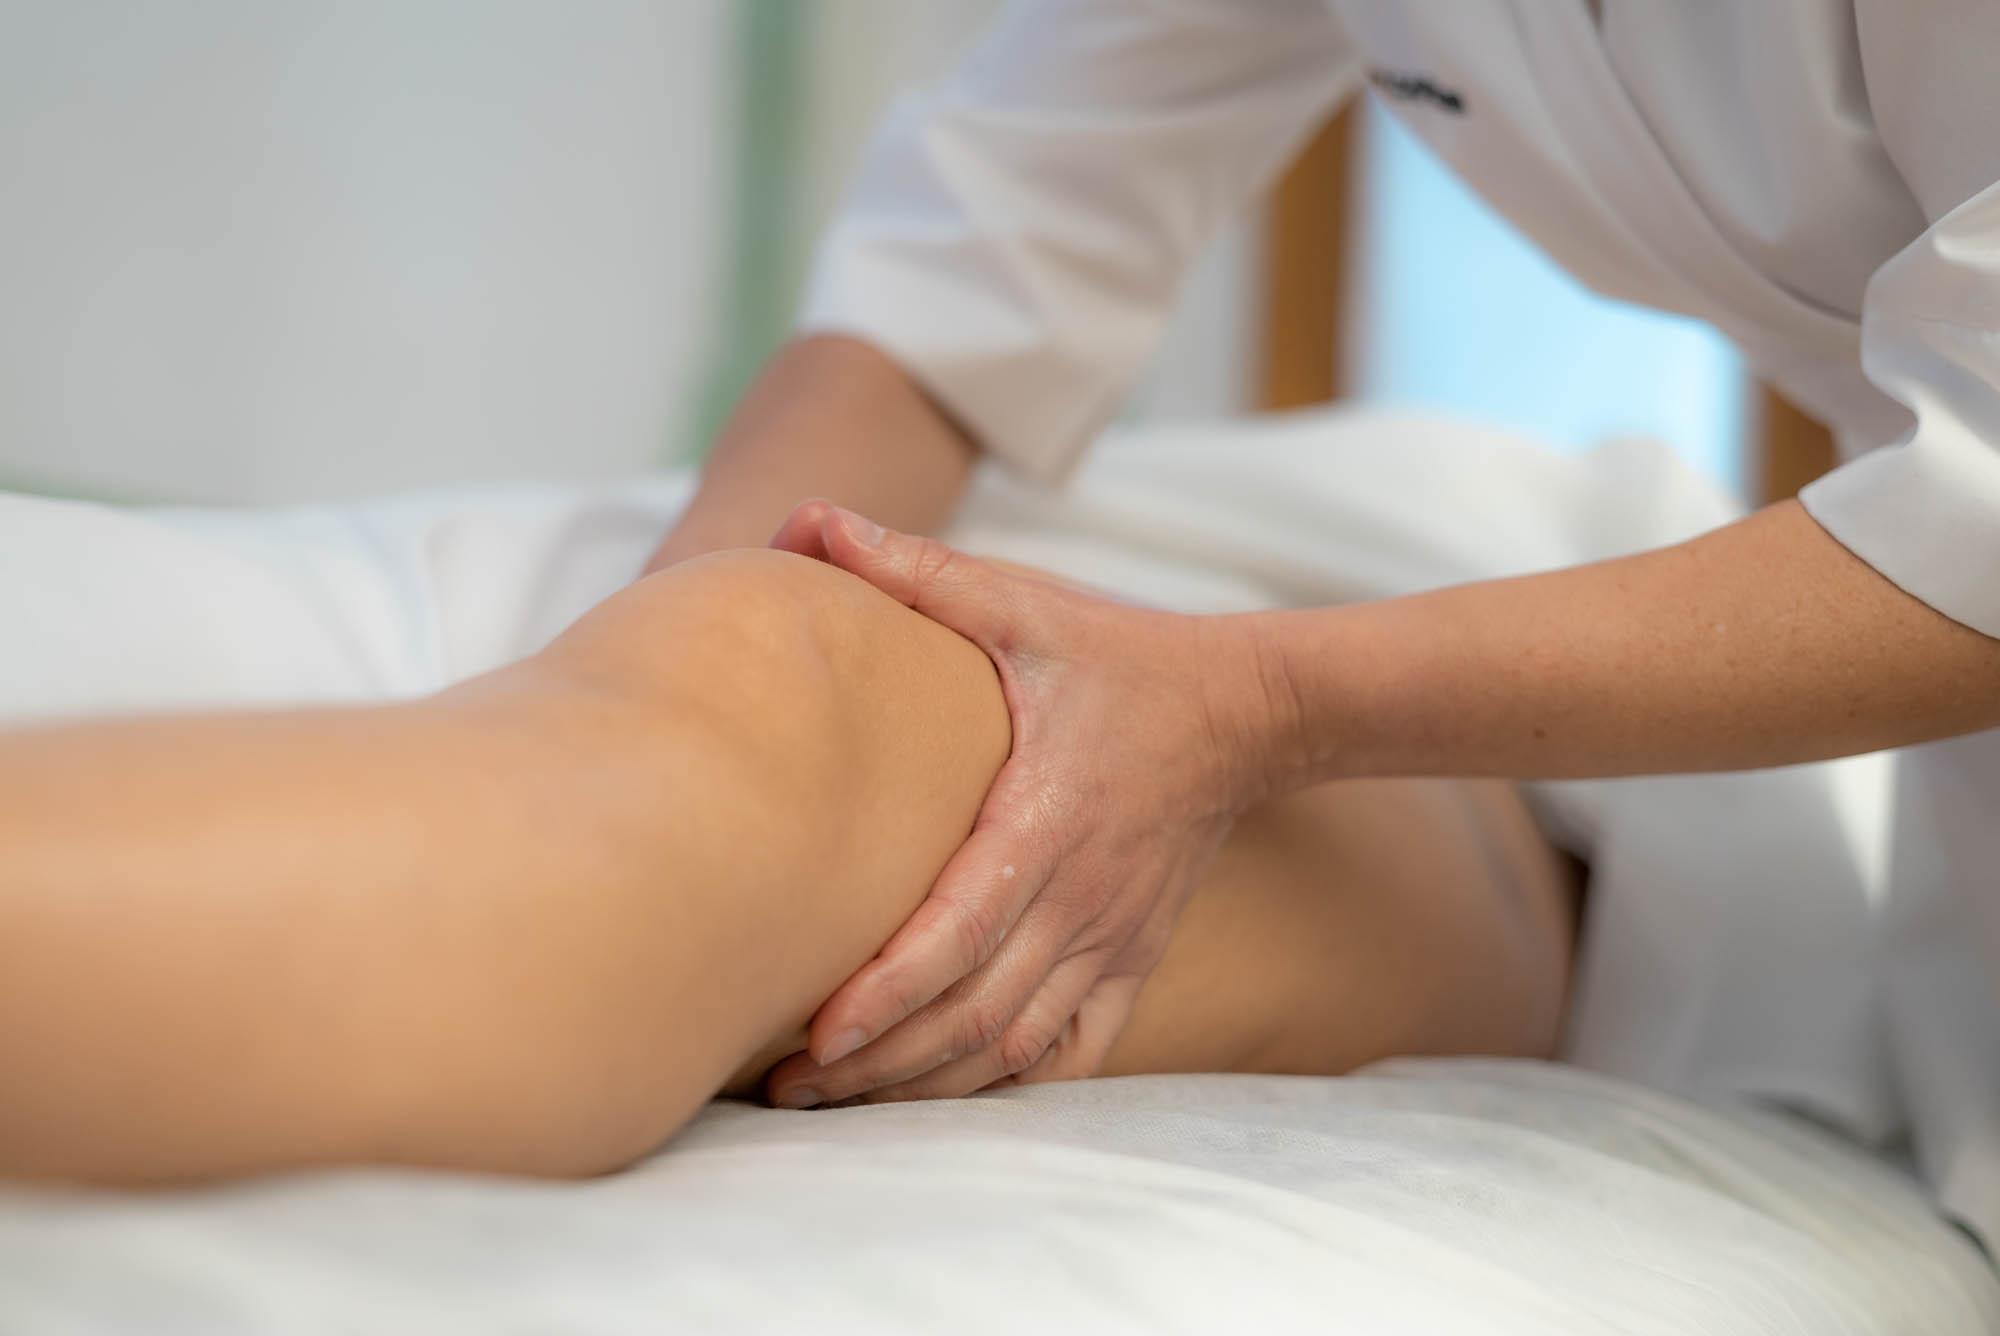 Estetica Shanty trattamento corpo